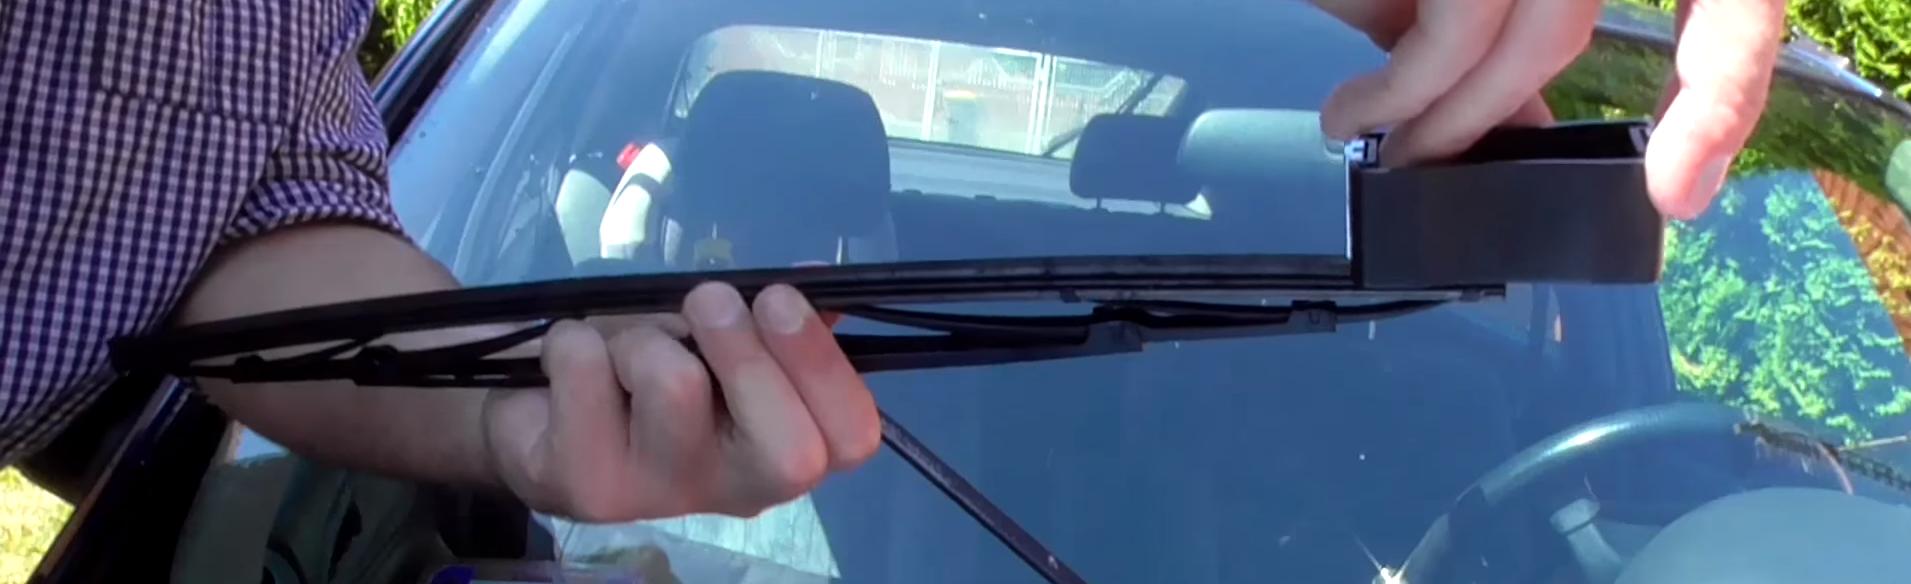 Hogyan varázsold tökéletessé pár perc alatt a rosszul működő ablaktörlő lapátodat?